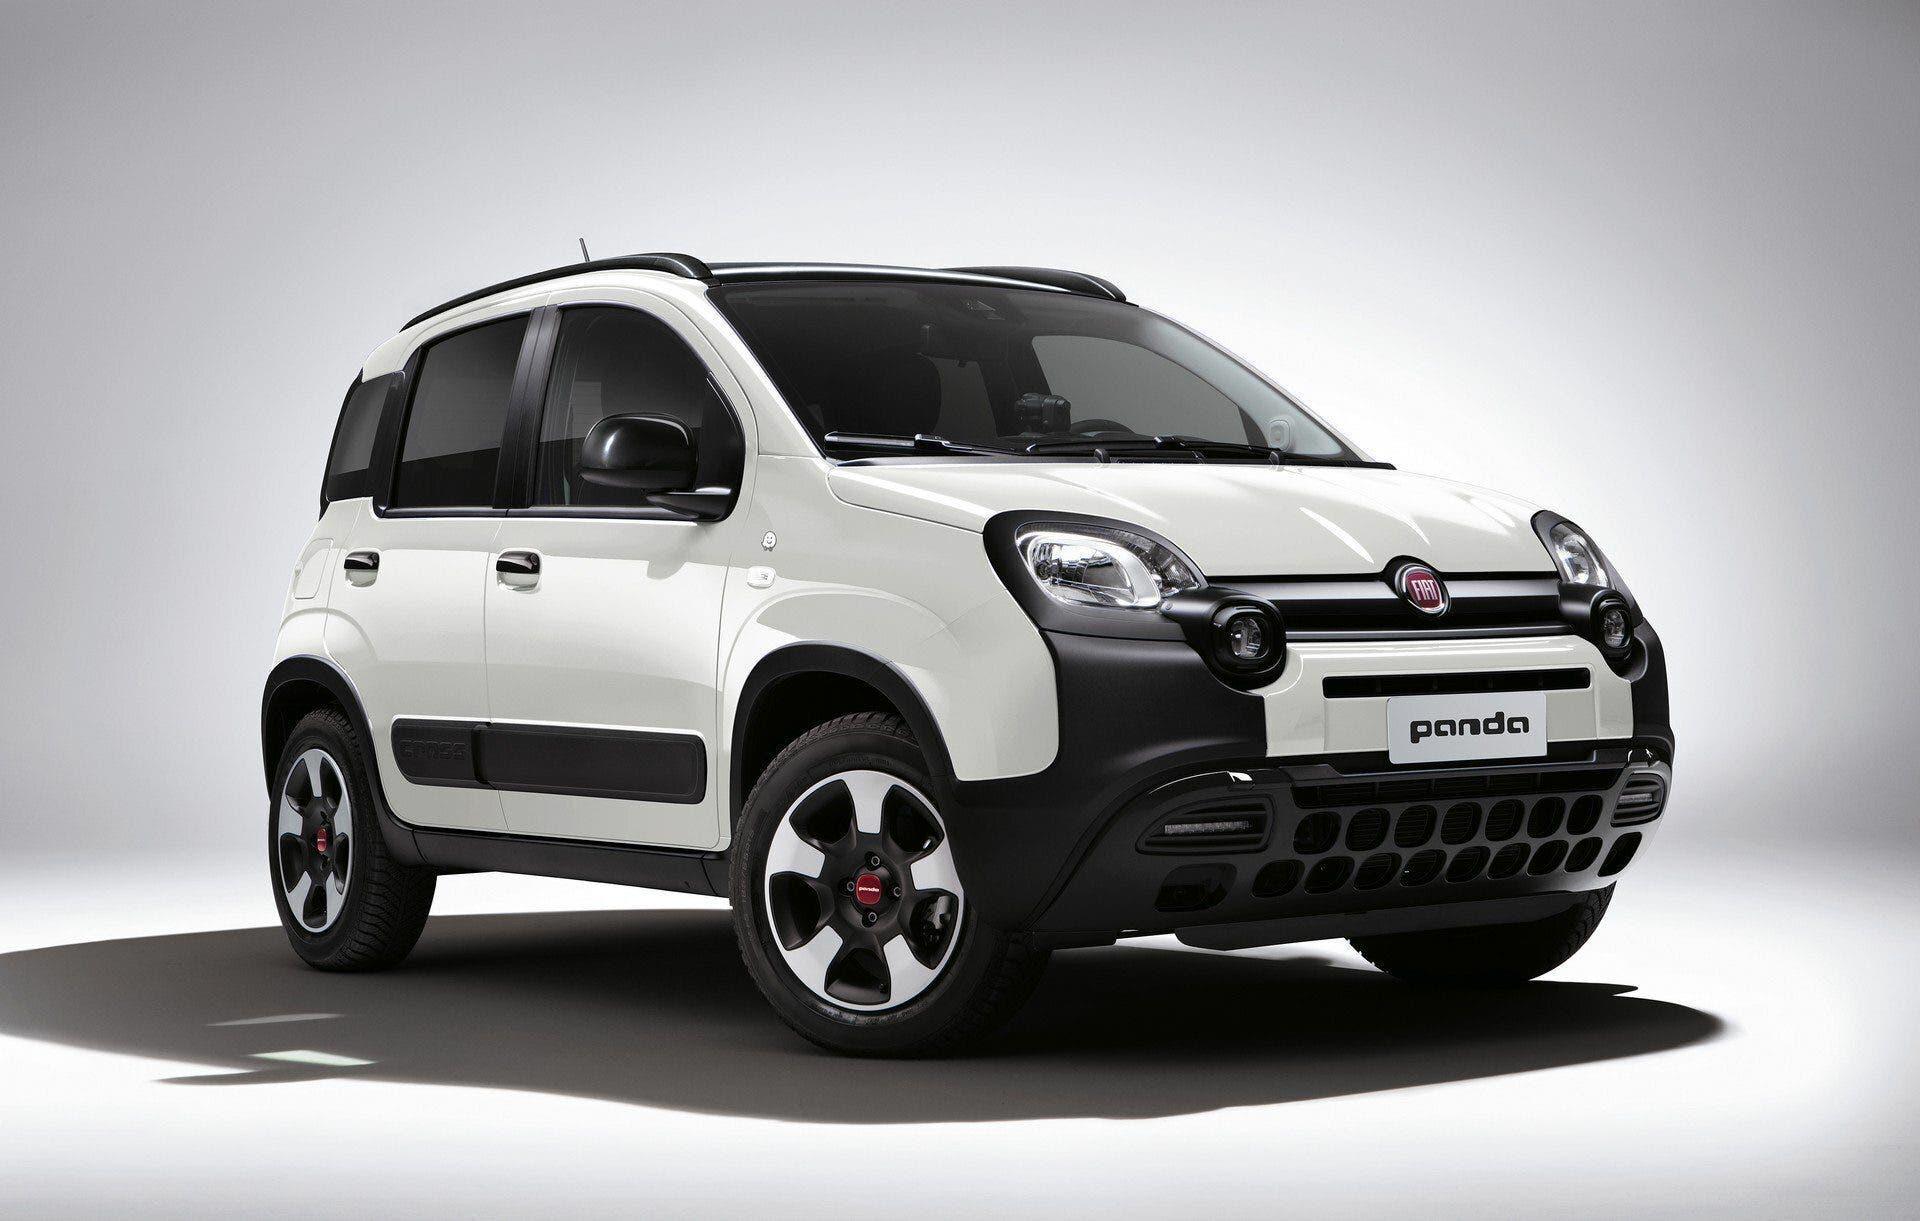 Fiat Panda Waze nuova generazione